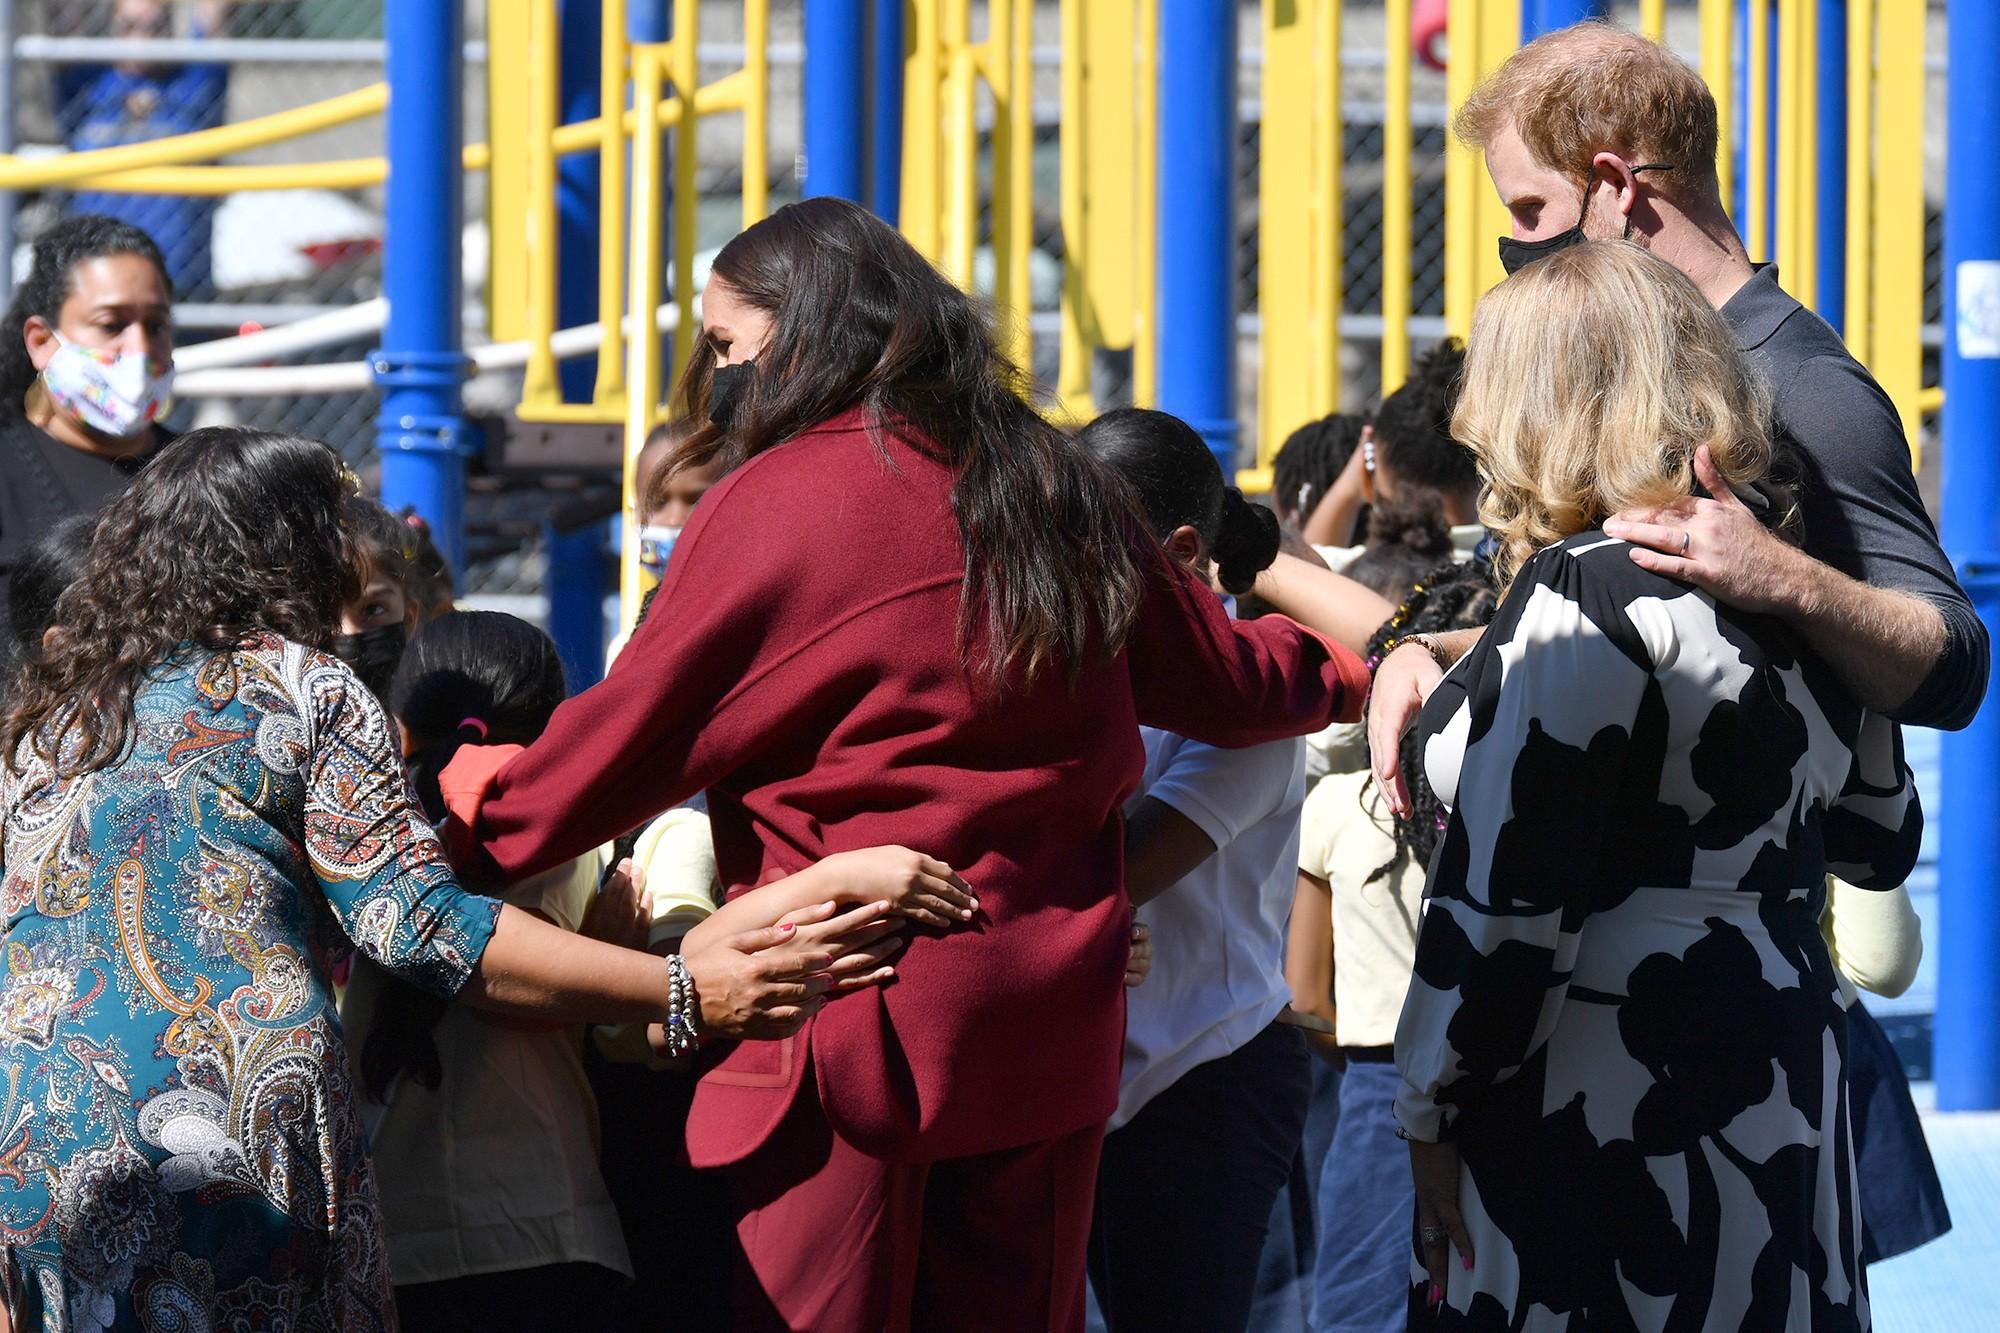 Меган Маркл раскритиковали за роскошный наряд во время визита в школу для бедных